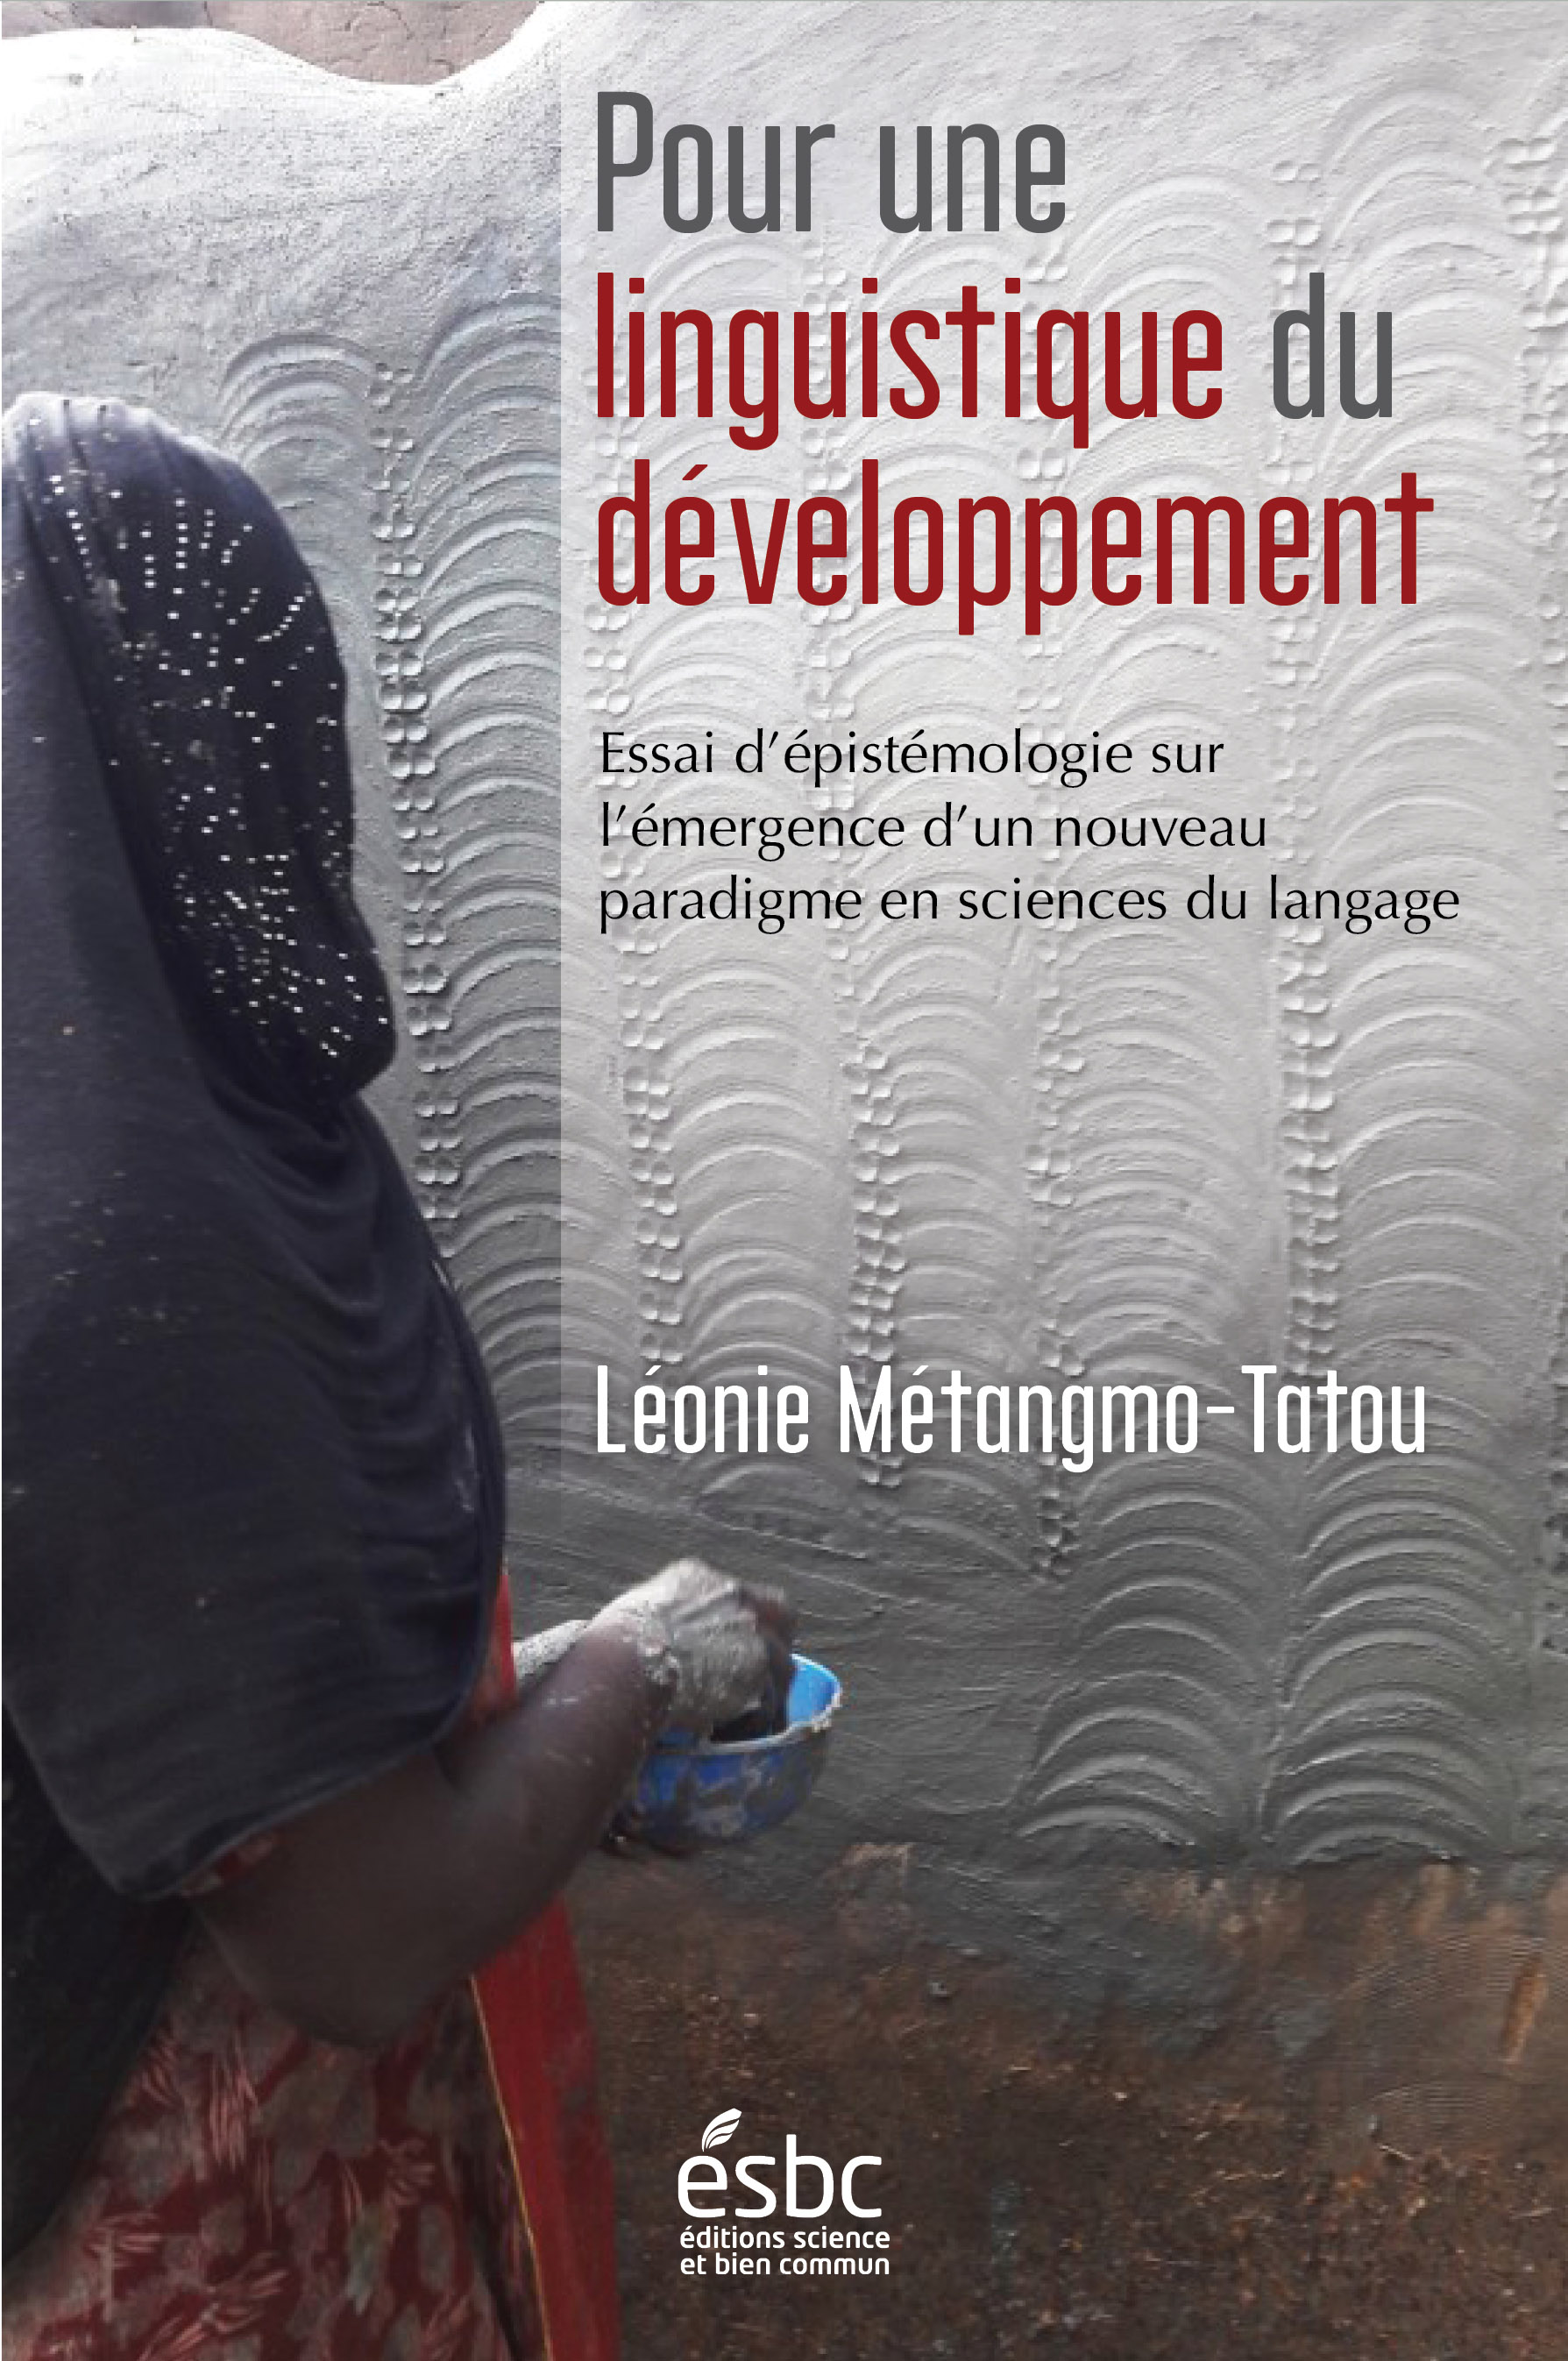 Pour une linguistique du développement